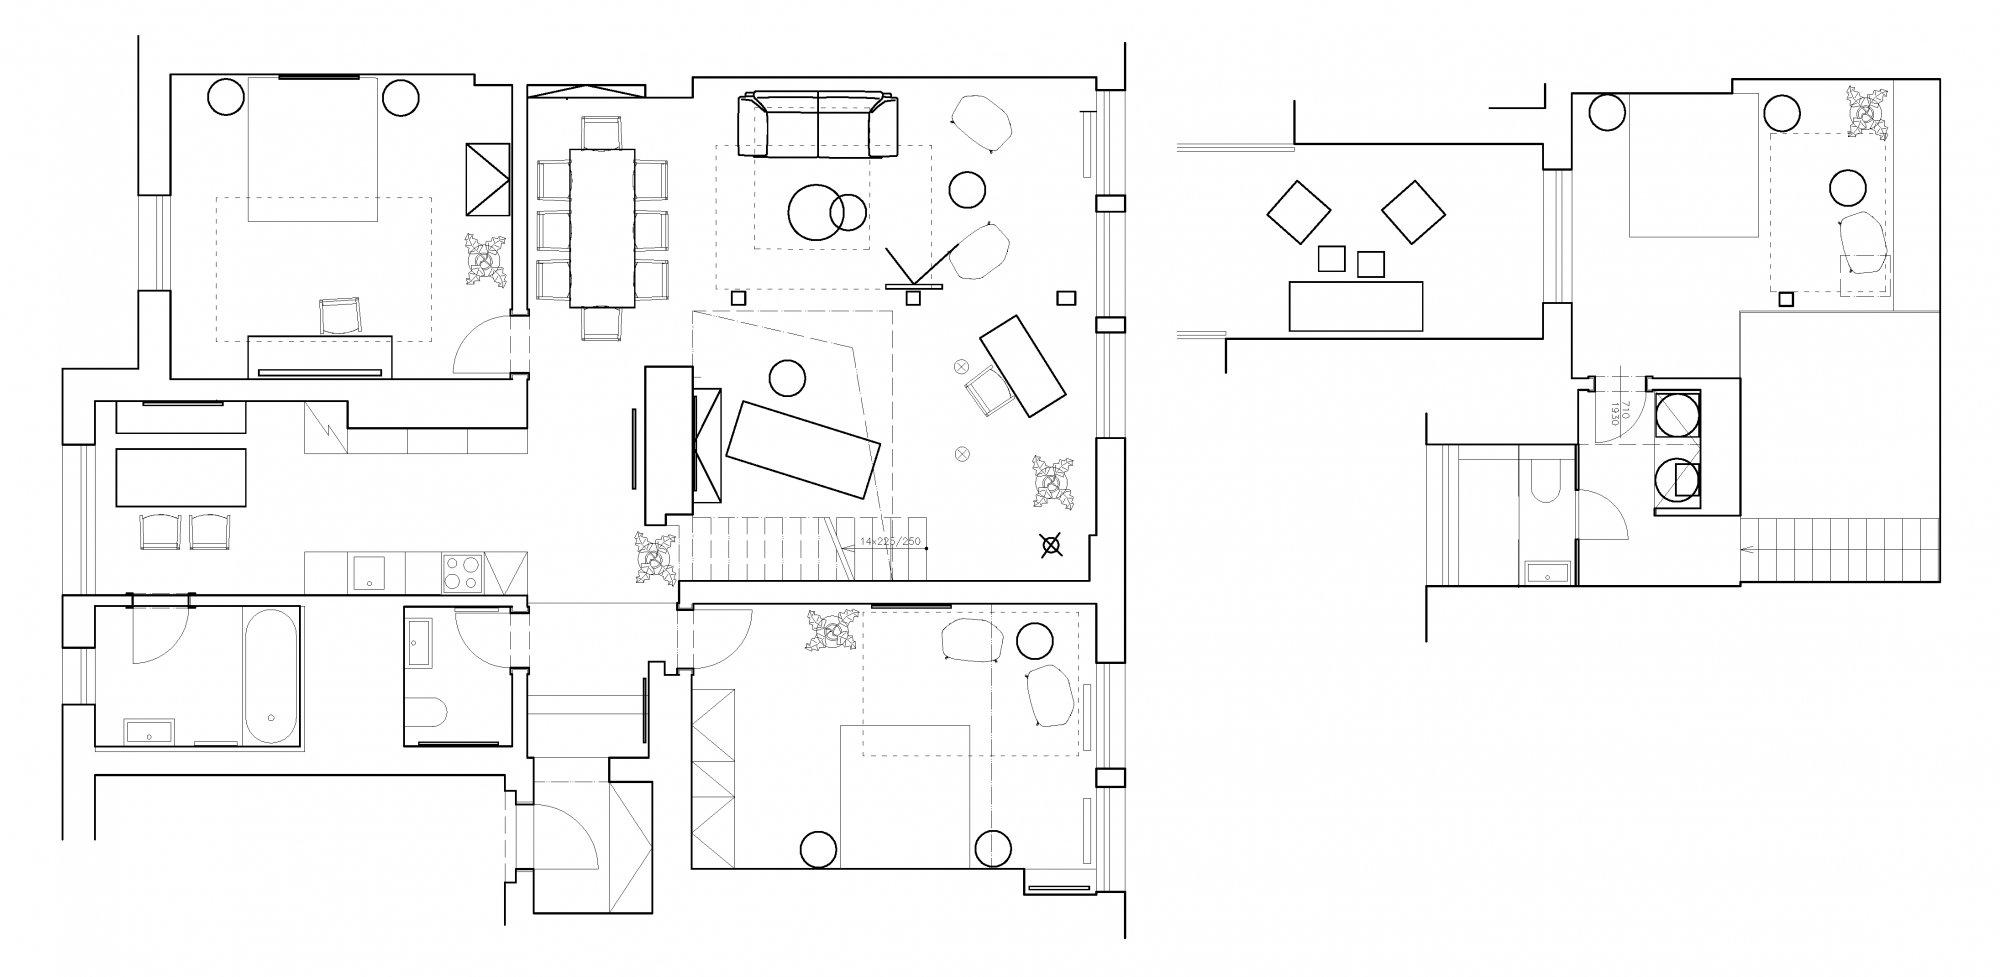 Půdorys - Půdní byt 4+kk, plocha 156 m², ulice Vojtěšská, Praha 1 - Nové Město